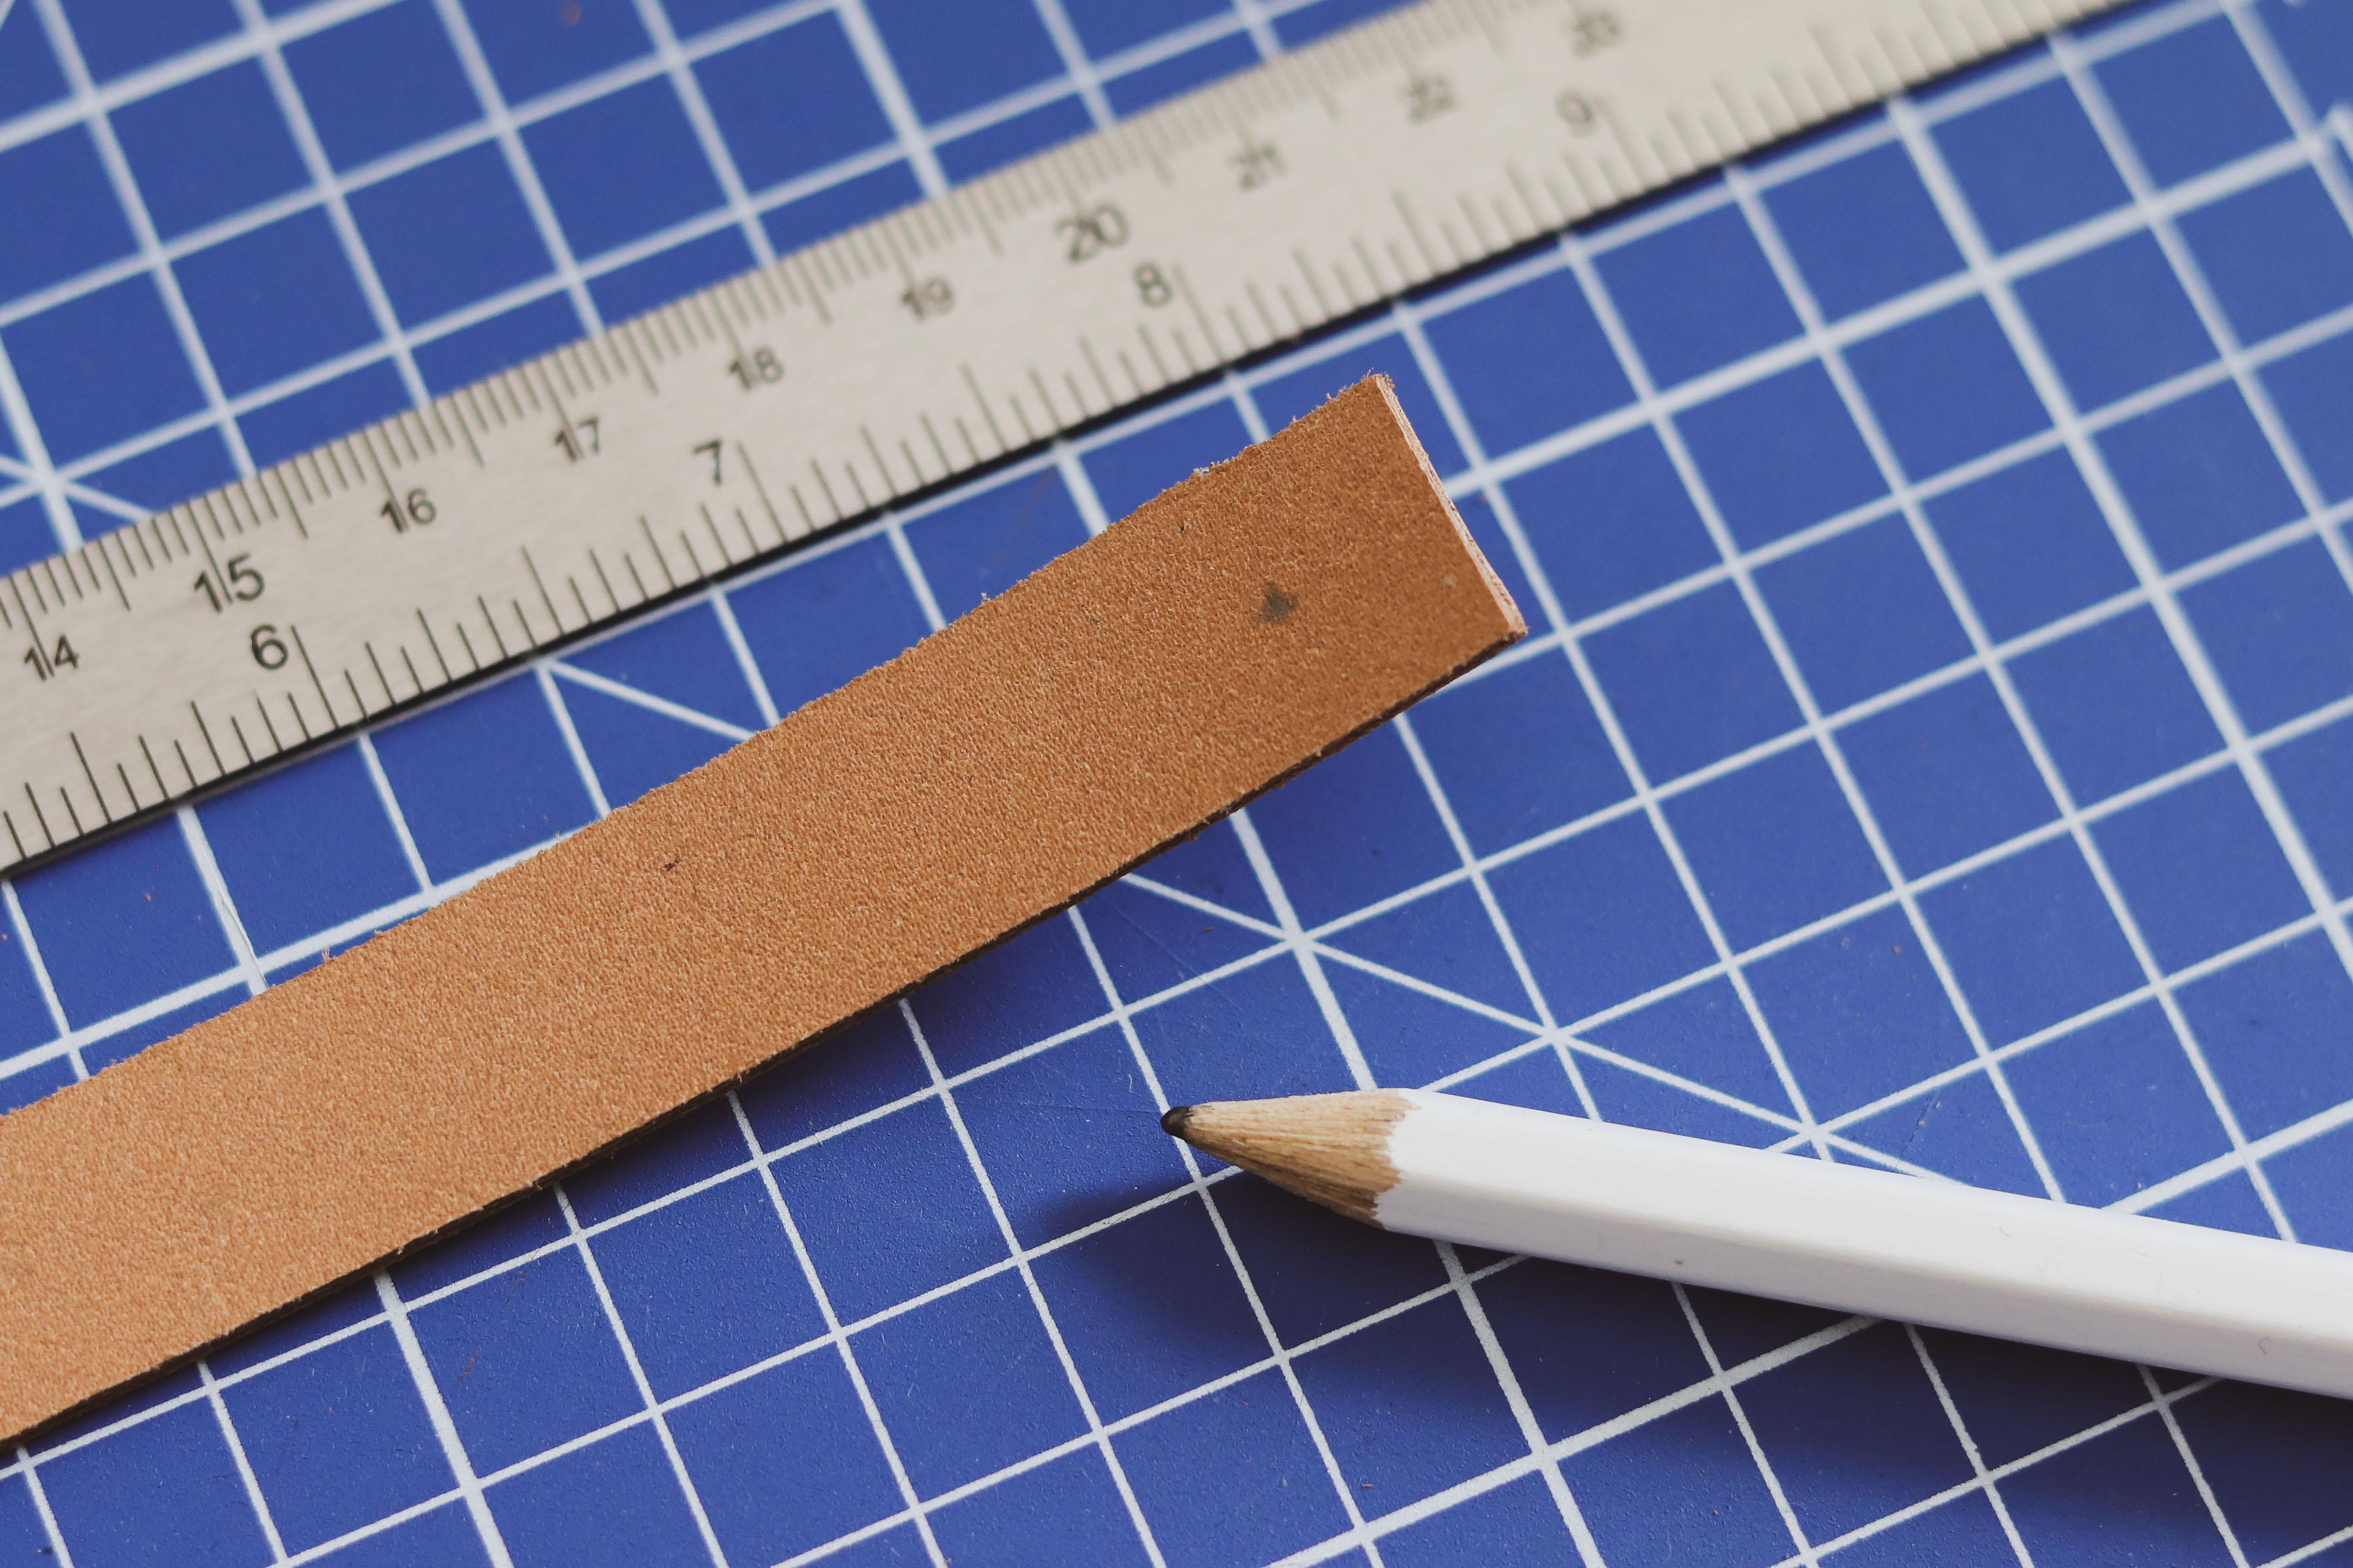 Marquer le cuir avec une feutre ou crayon - Tuto DIY suspension florale - Cuir en Stock